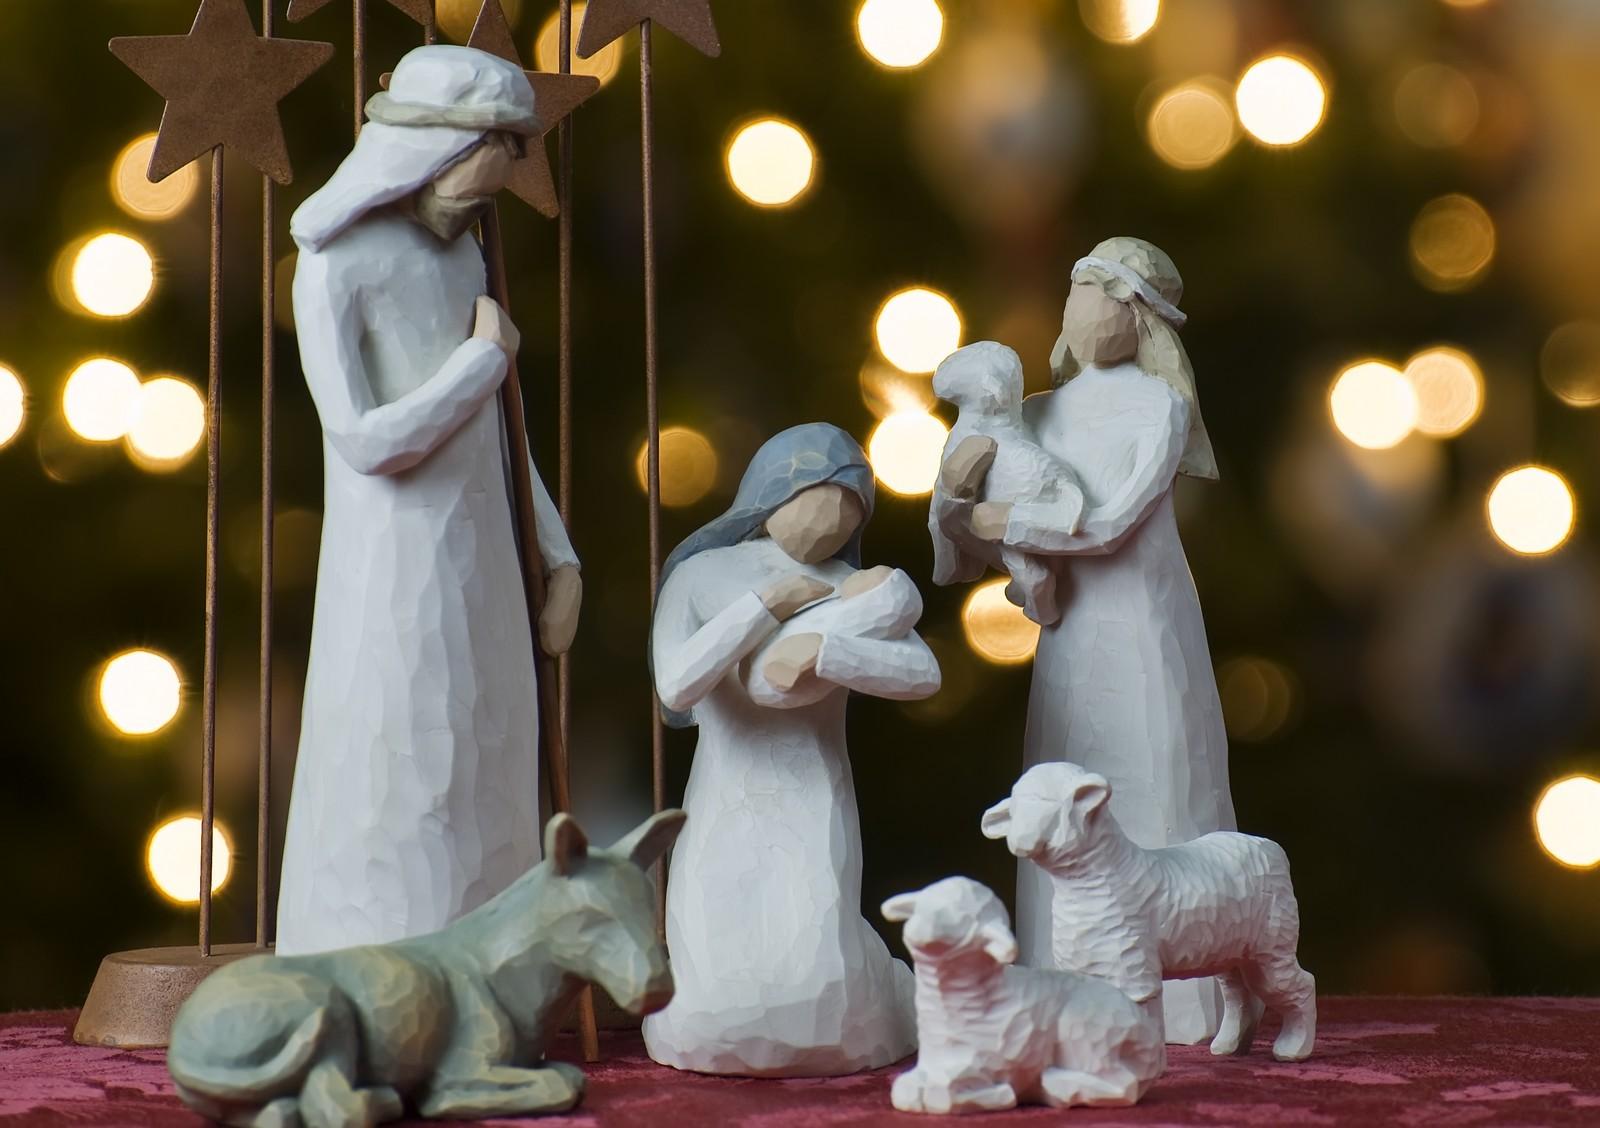 Más de 200 fotos e imágenes de Navidad para descargar y compartir ...